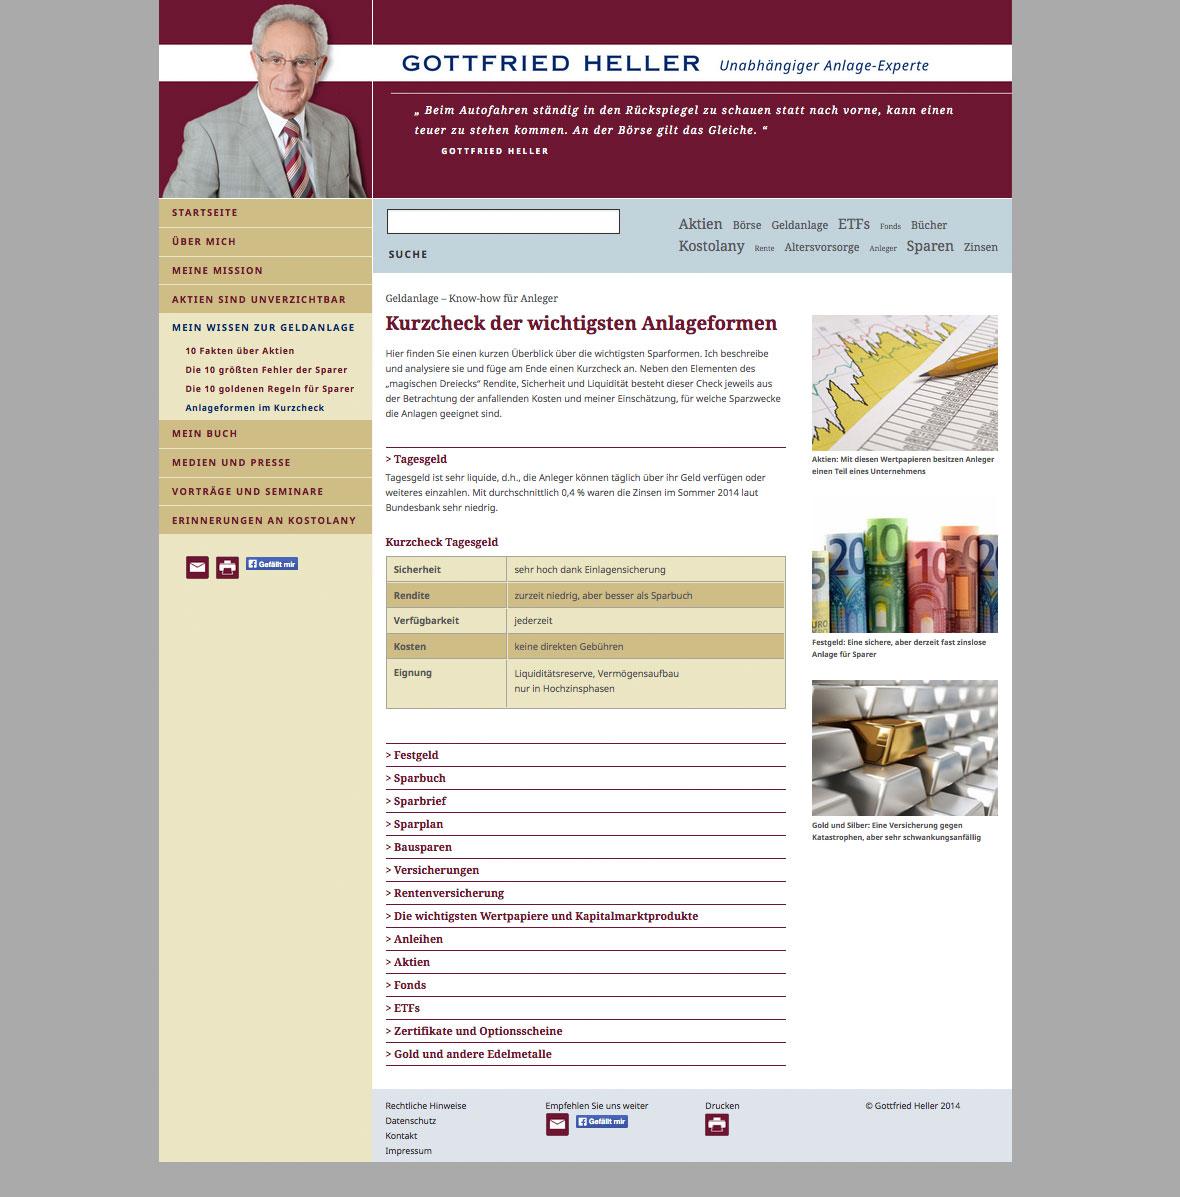 punktneun-Gottfried-Heller-Webseite-Geldanlage